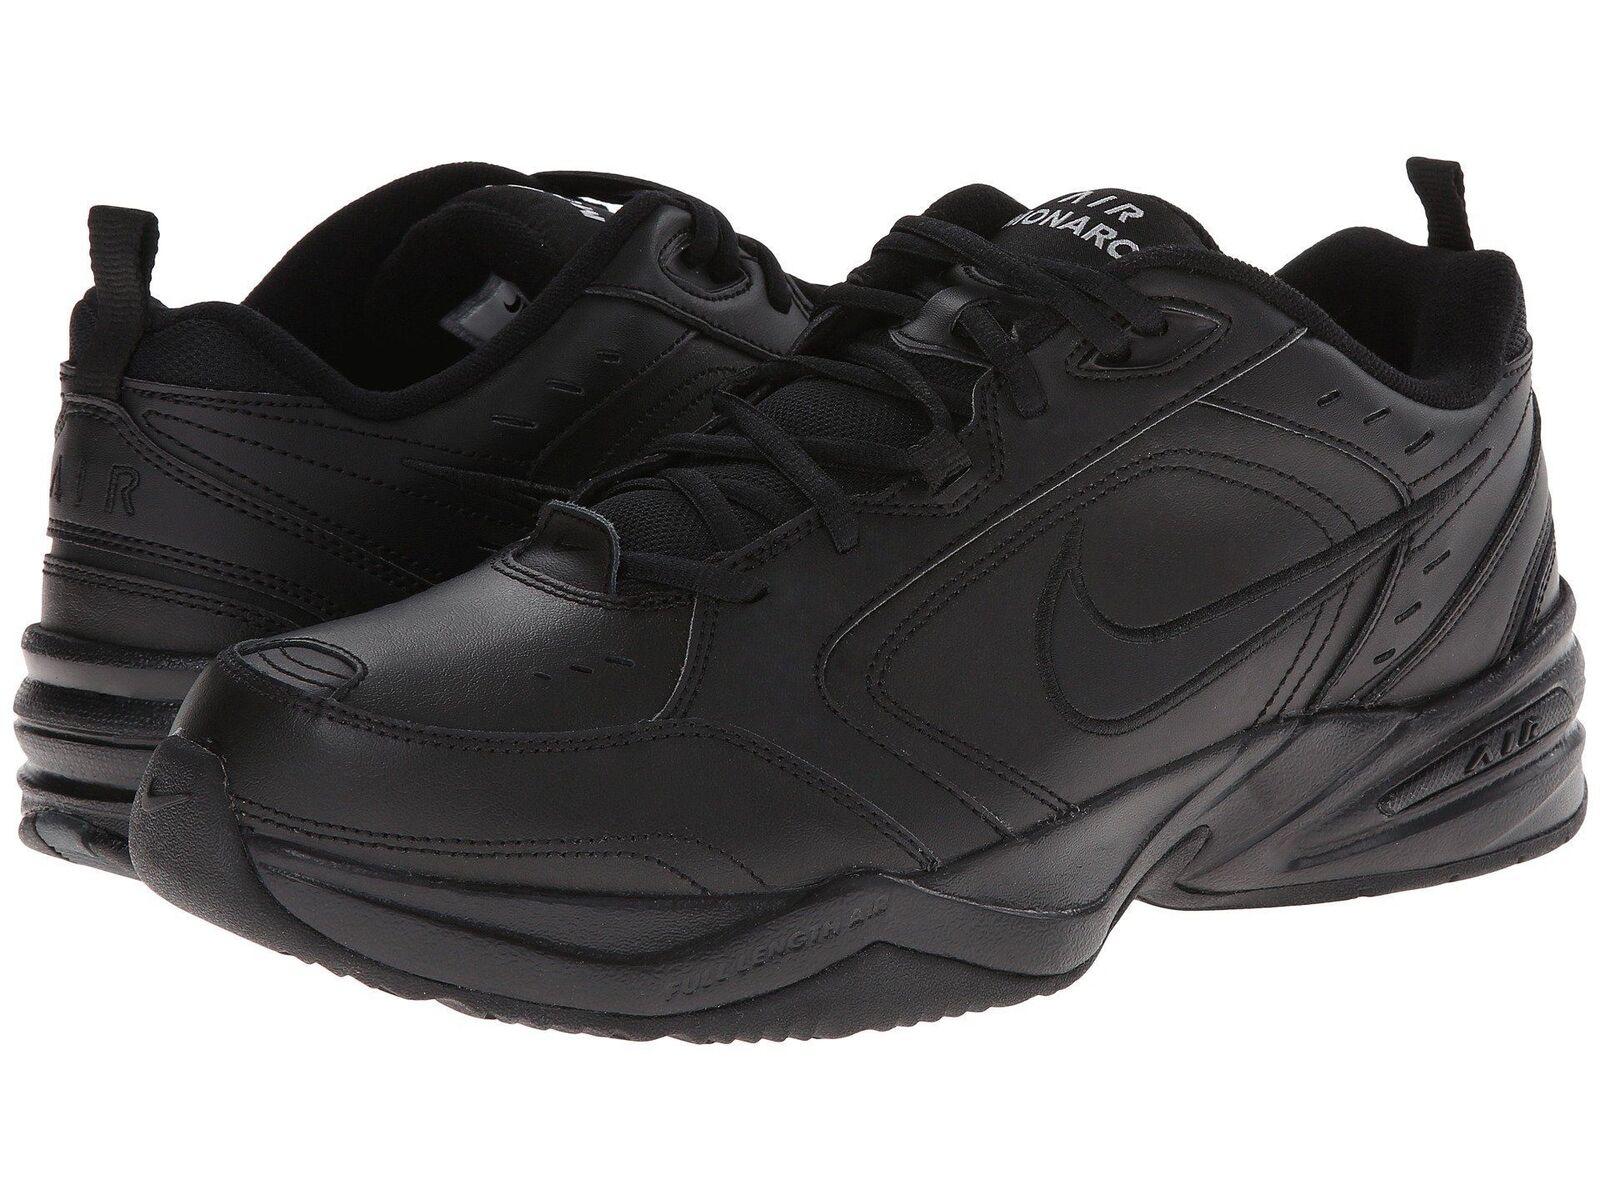 Nike Nike Nike Air Monarch IV All Black 415445001 Men's Cross Training shoes 44f152